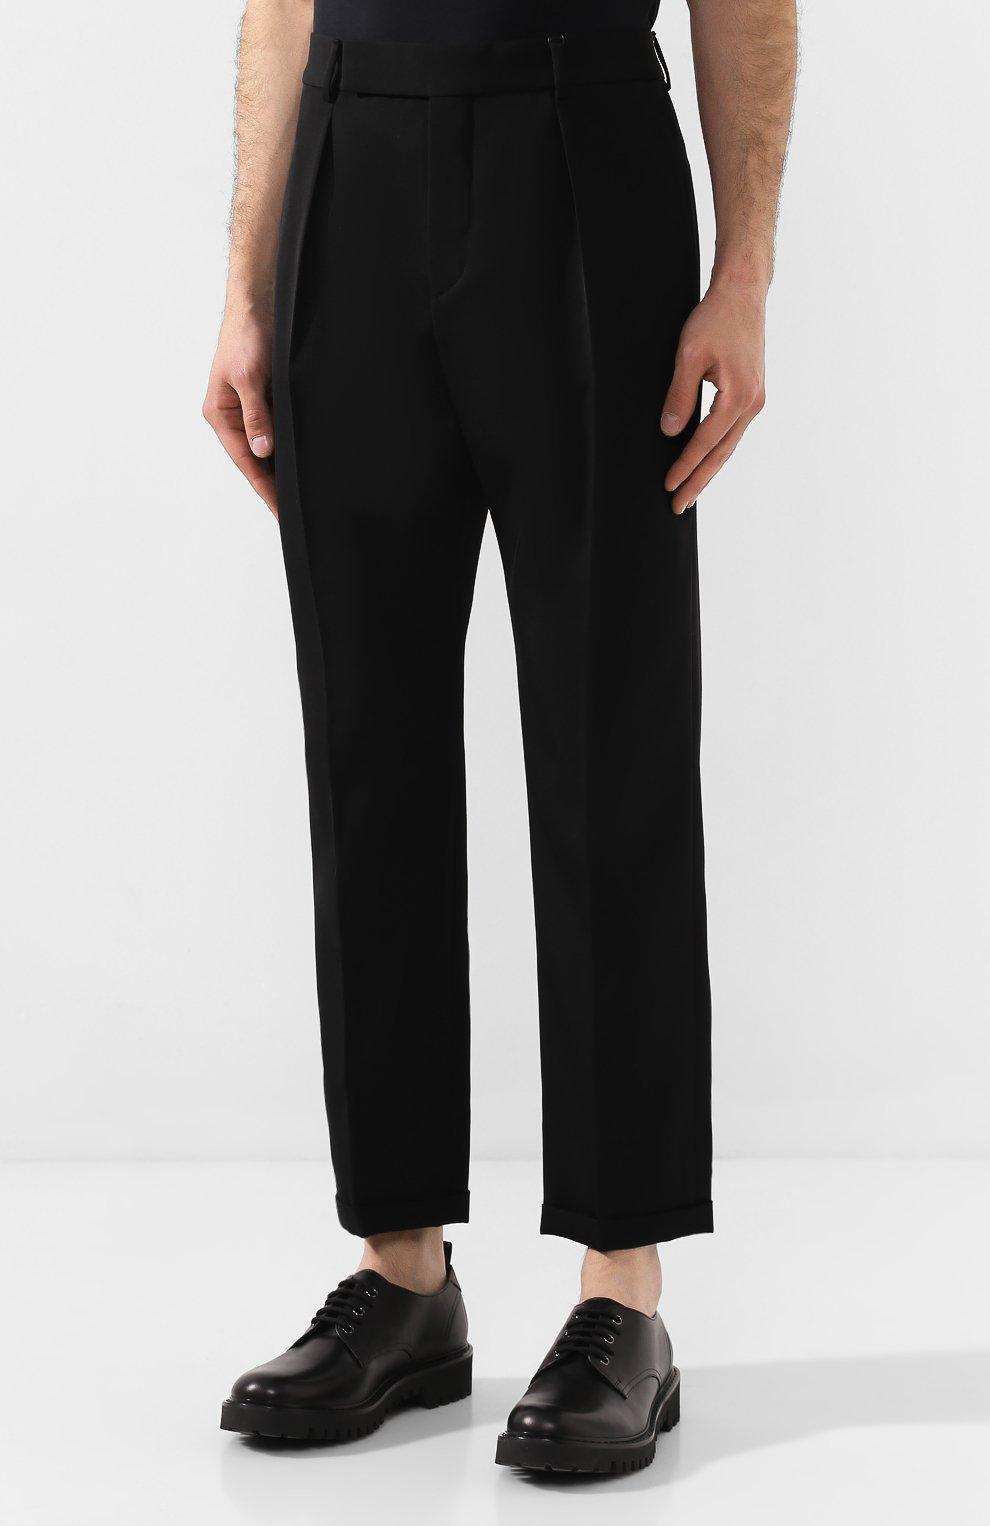 Мужские шерстяные брюки SAINT LAURENT черного цвета, арт. 563592/Y028V | Фото 3 (Материал внешний: Шерсть; Длина (брюки, джинсы): Стандартные; Случай: Повседневный, Формальный; Стили: Классический; Материал подклада: Шелк)